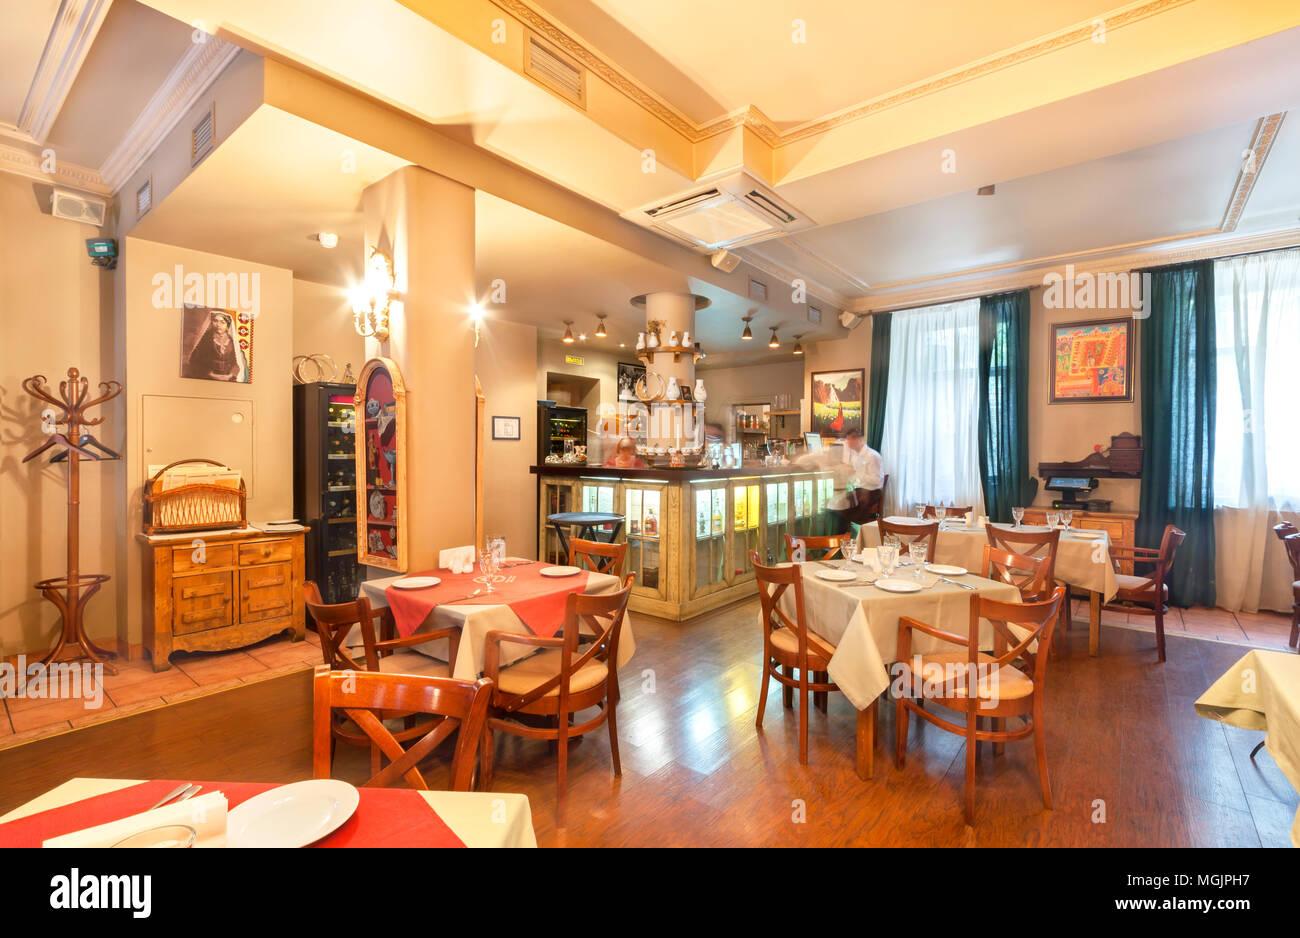 Moskau - AUGUST 2014: Innenraum des Restaurants ist die ...